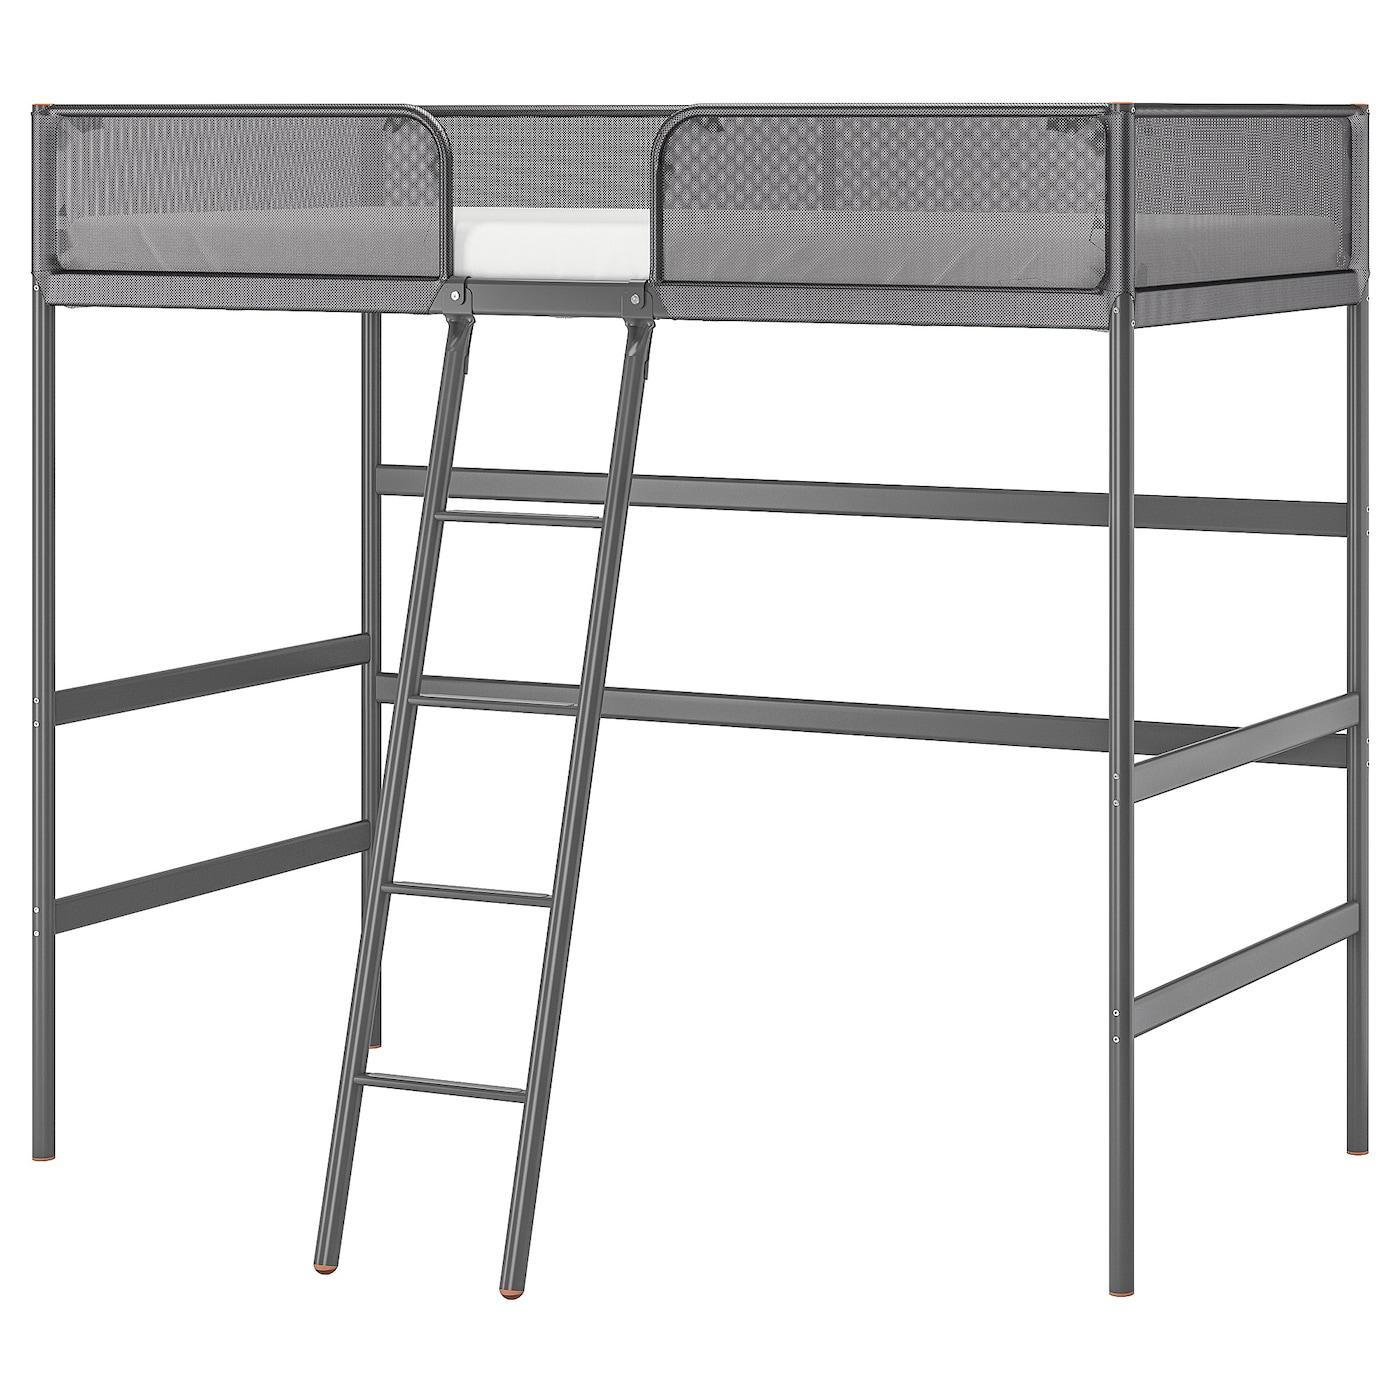 lits enfants pour fille gar on design pas cher ikea. Black Bedroom Furniture Sets. Home Design Ideas